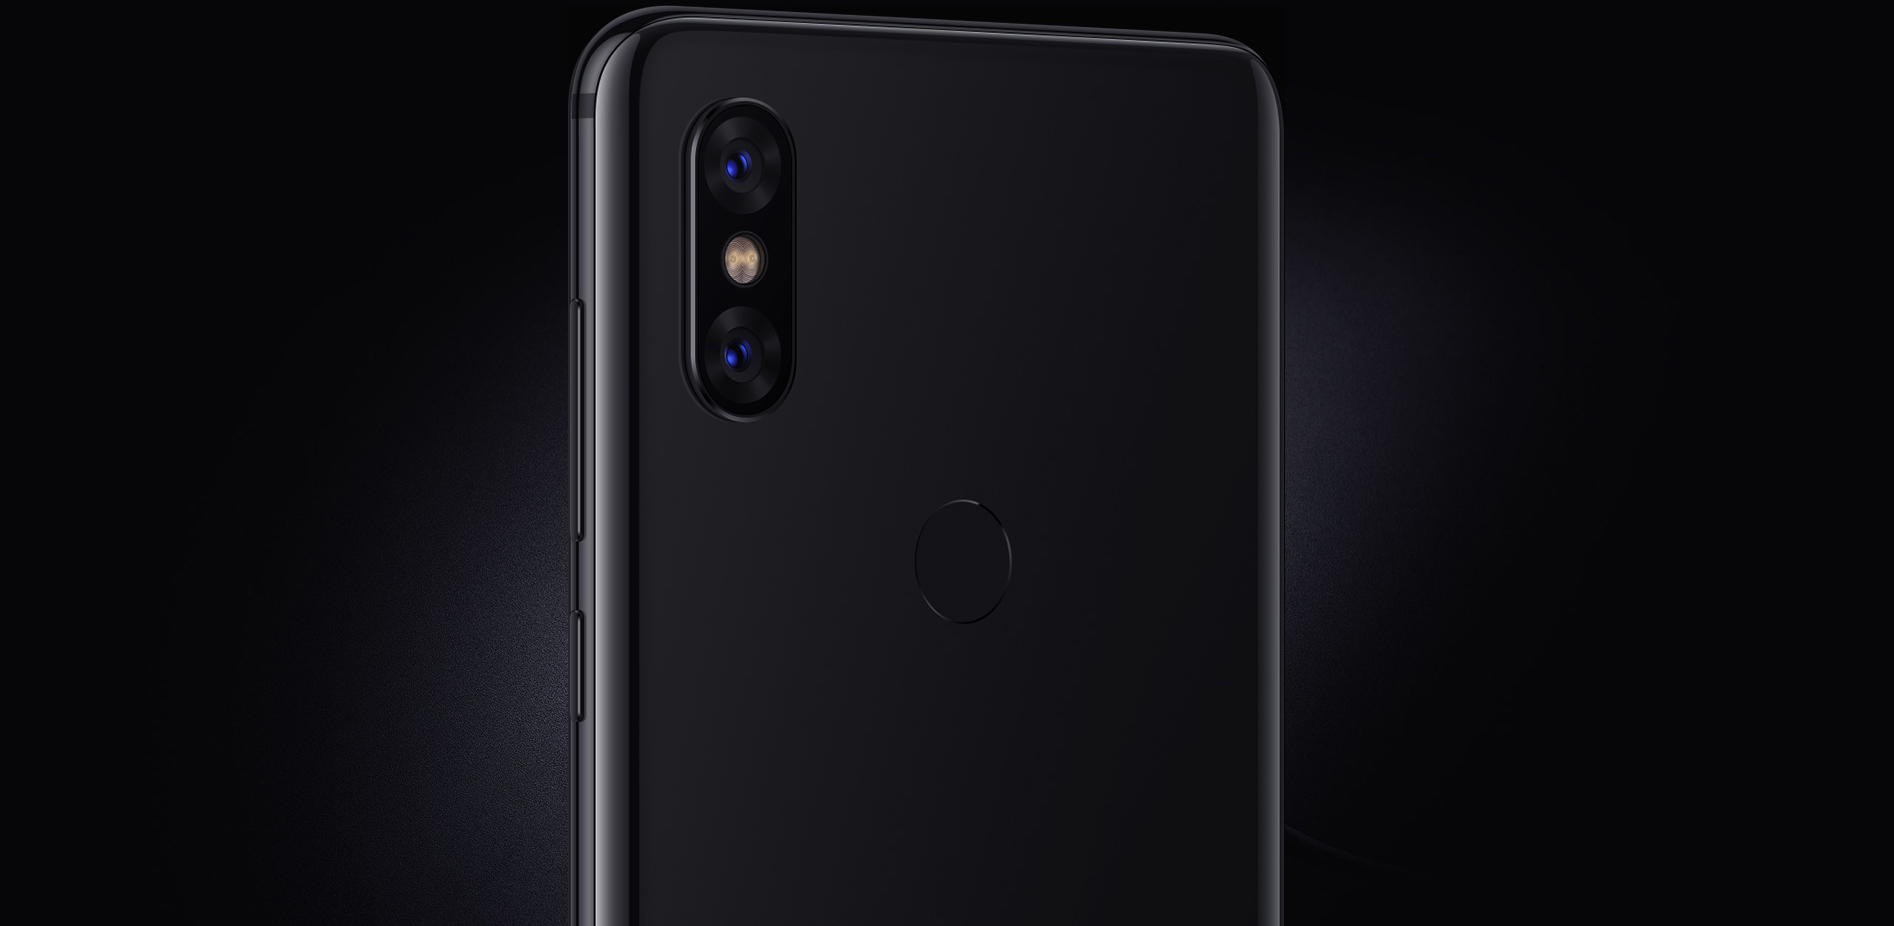 Xiaomi Mi Mix 3 dwa podwójne aparaty AI z sensorami SONY